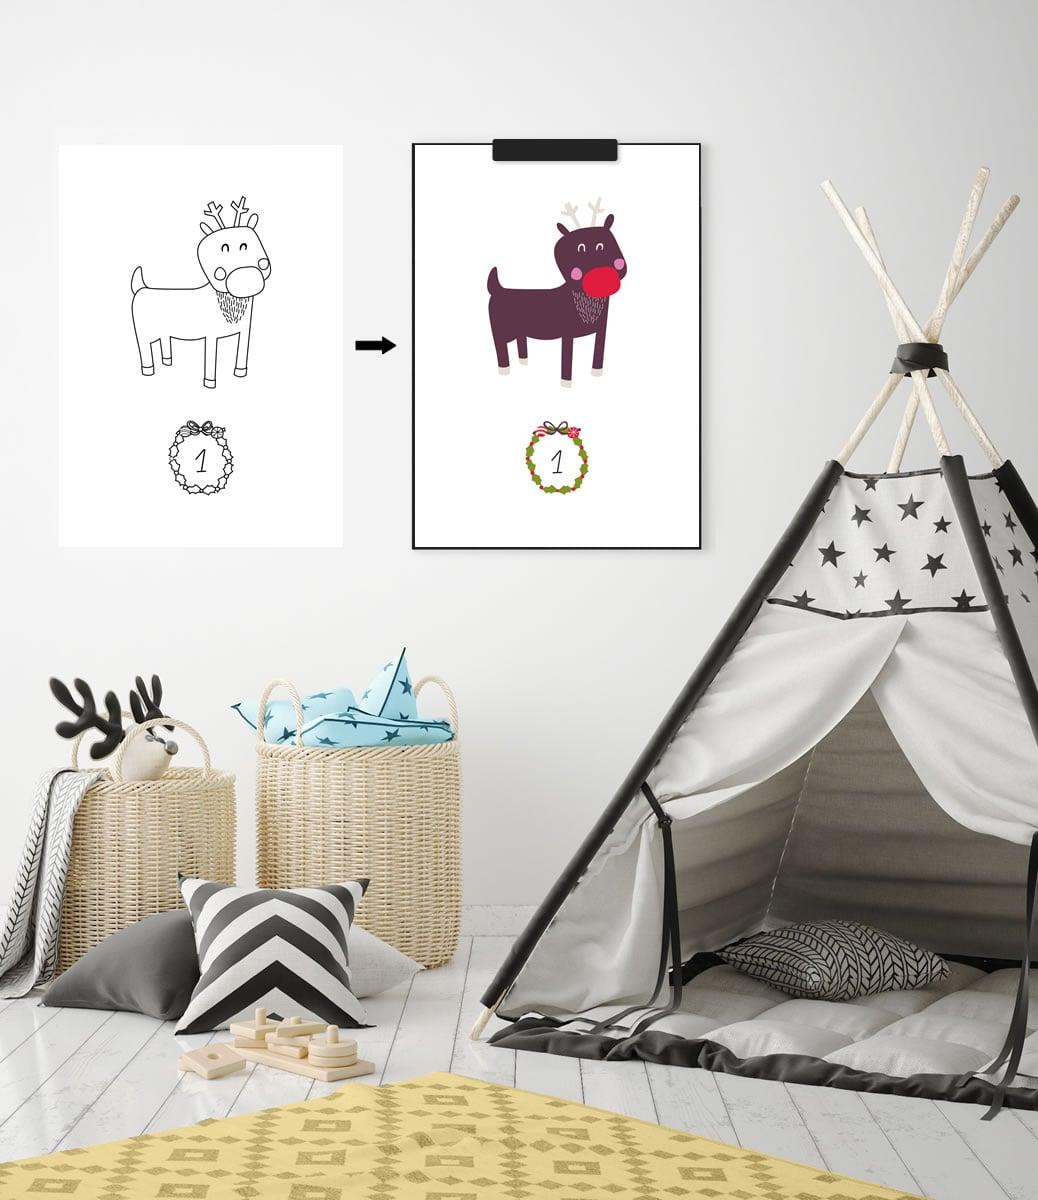 Kinder-Adventskalender zum Ausmalen - 24 weihnachtliche Ausmalbilder (Druckvorlage, A4) | Filizity.com | Interior- & DIY-Blog und Shop